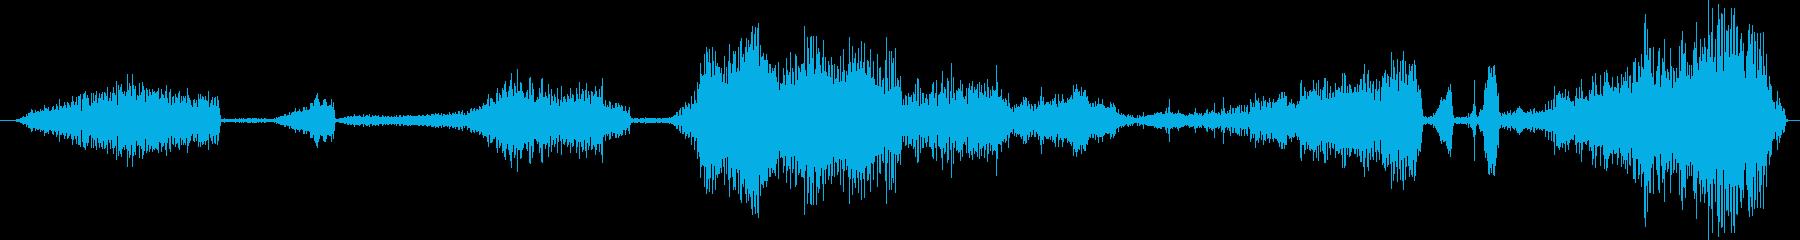 オセロットのうなり声。くしゃみ型の...の再生済みの波形